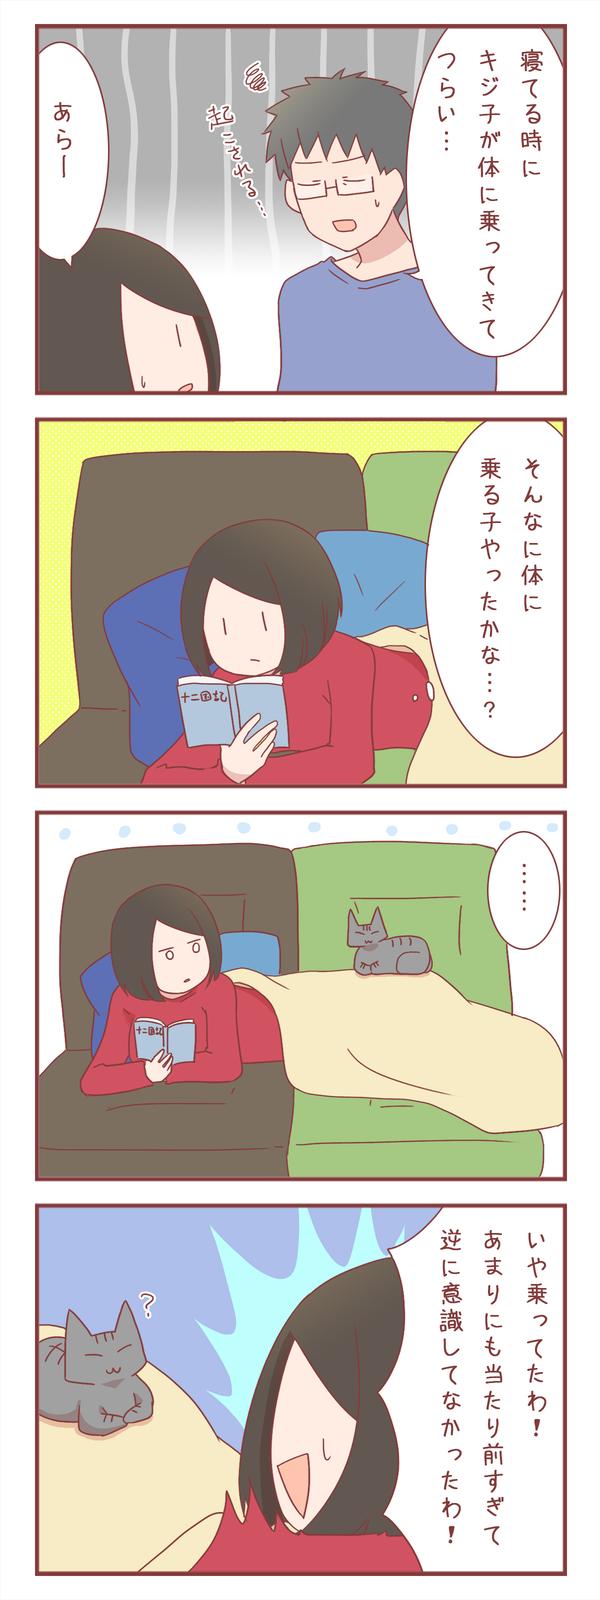 キジ子はそんなに体に乗る猫だっけと思っていたら